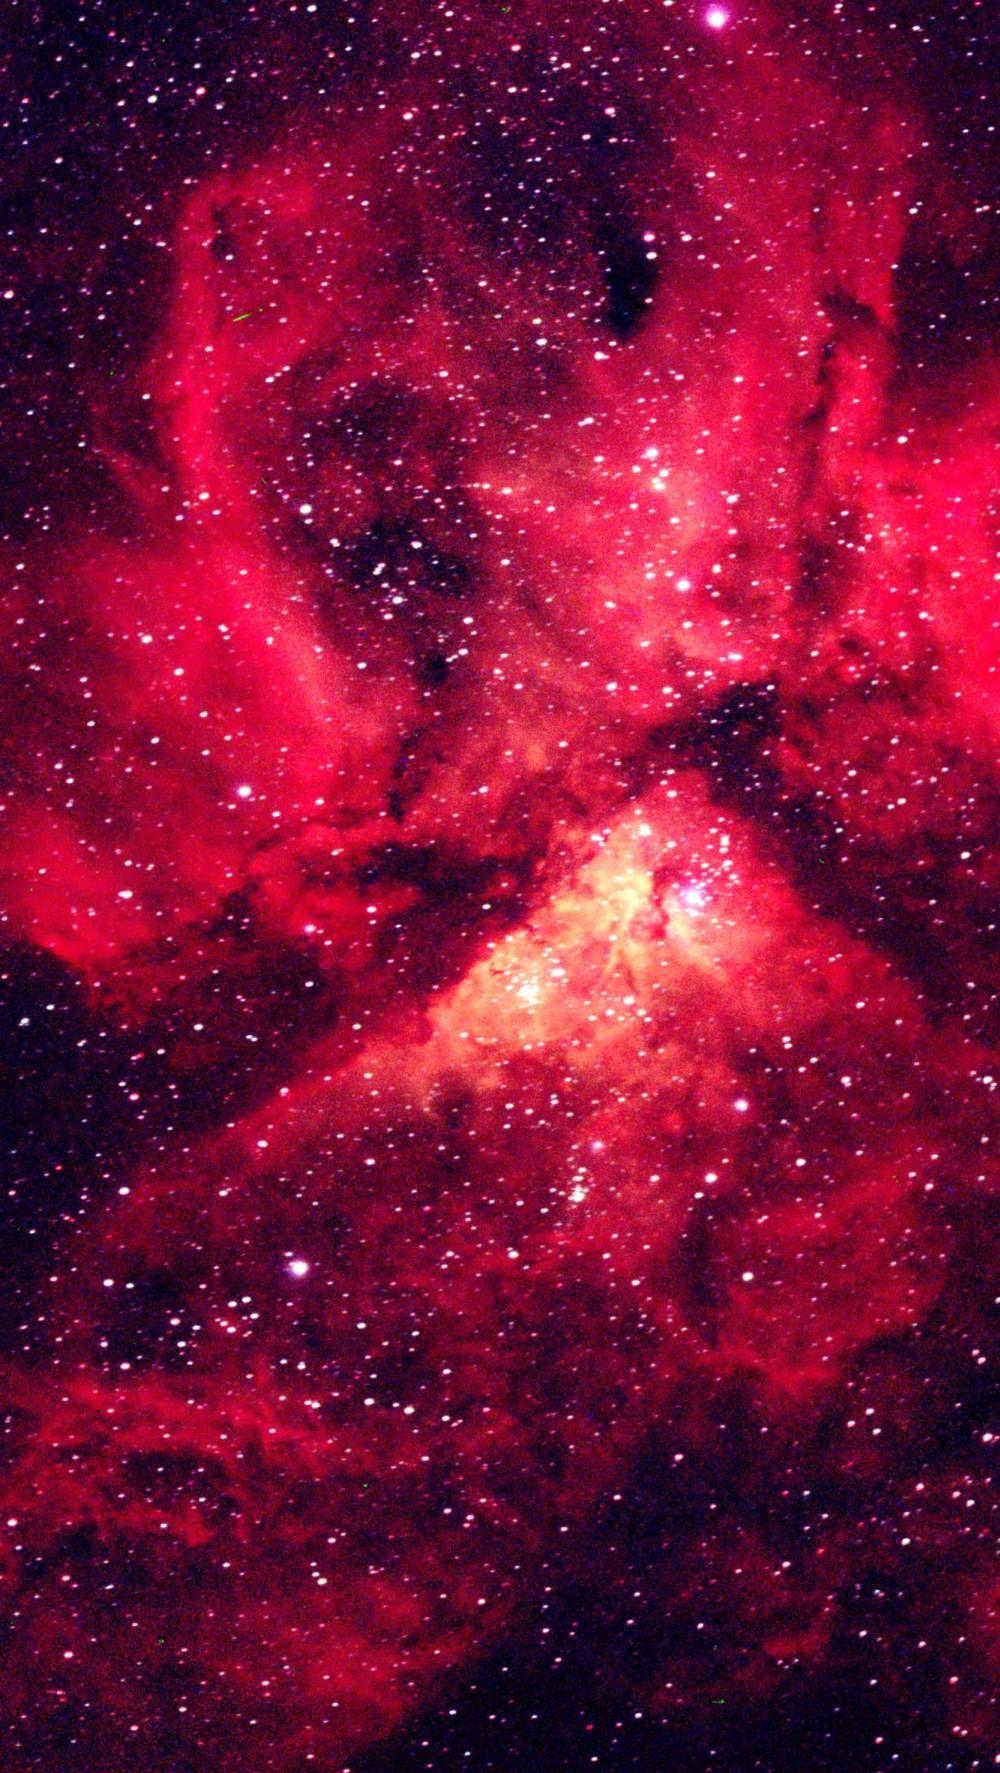 Nebula Custom Box Background by DUSKvsDAWN on DeviantArt